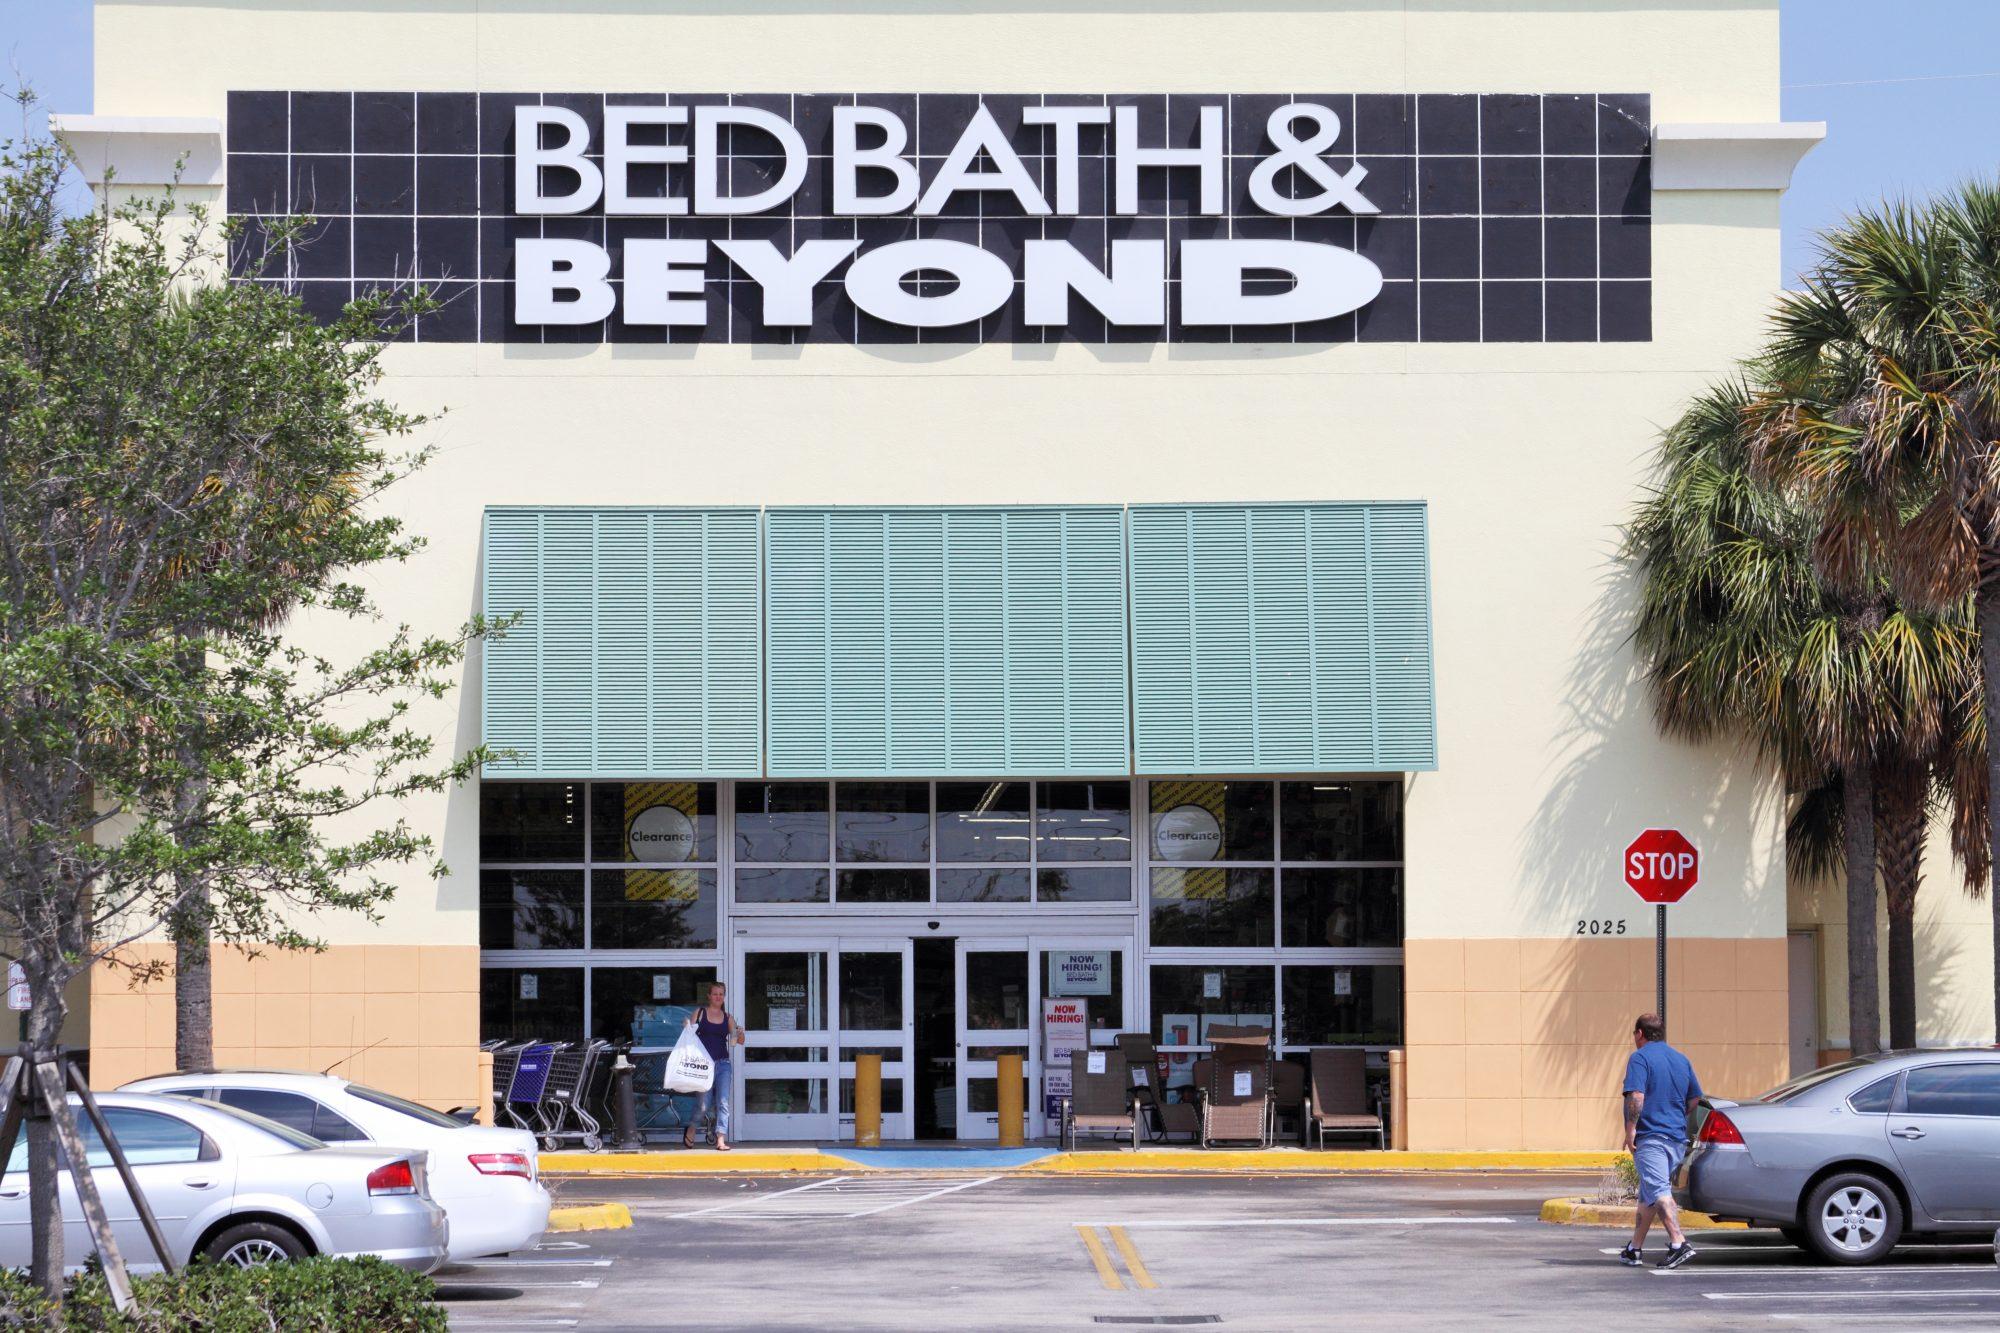 La sorprendente razón por la que Bed Bath & Beyond cortará la distribución de cupones